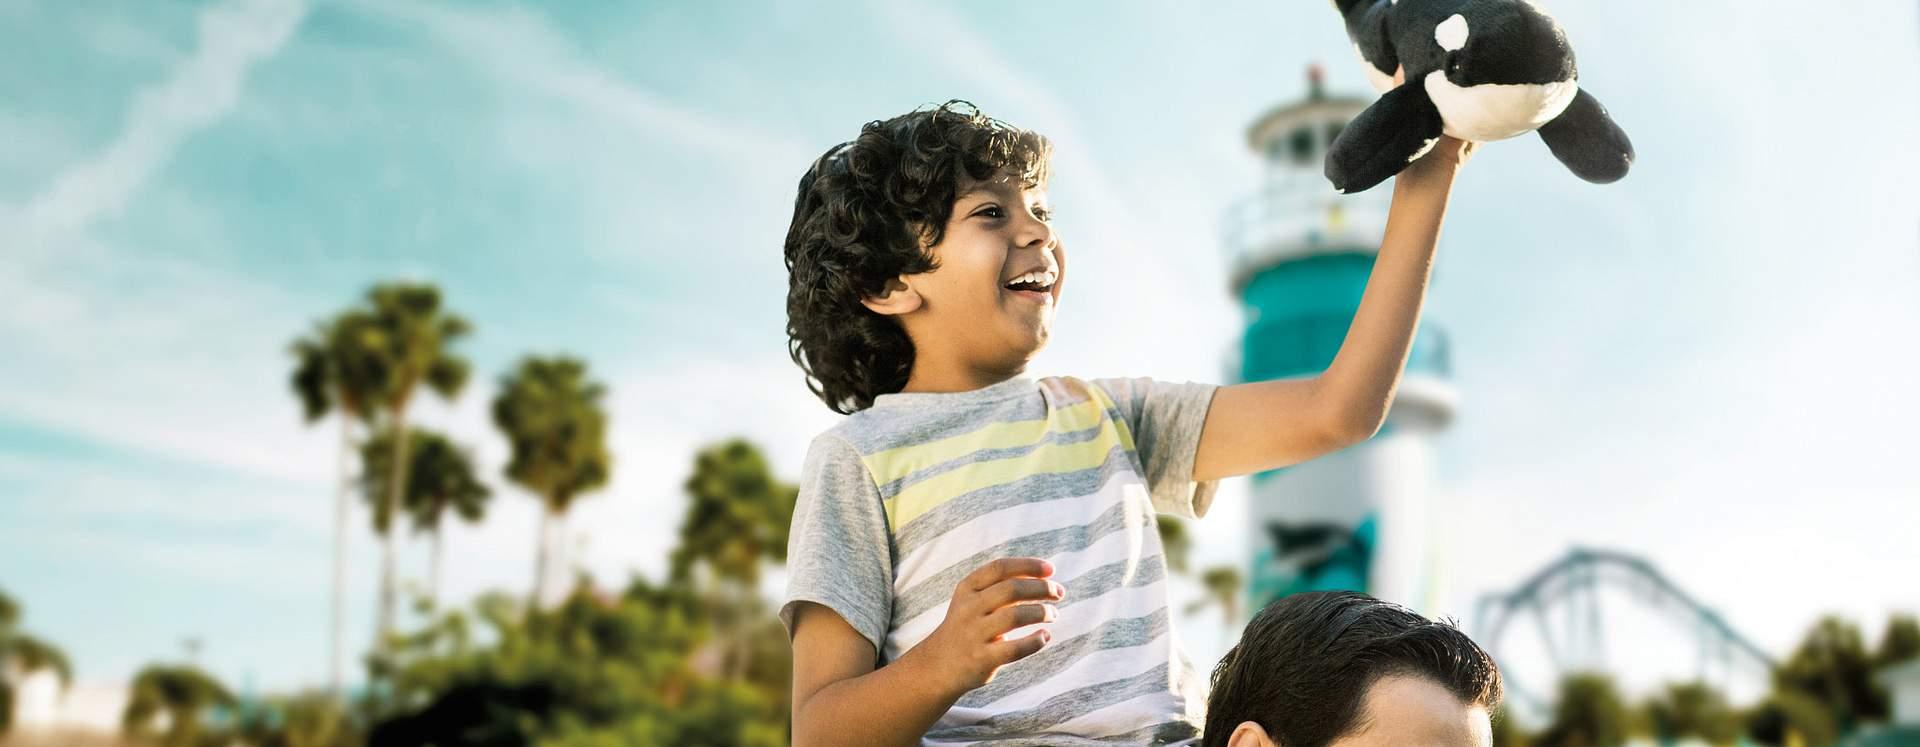 Criança brincando com um brinquedo da Shamu no SeaWorld Orlando